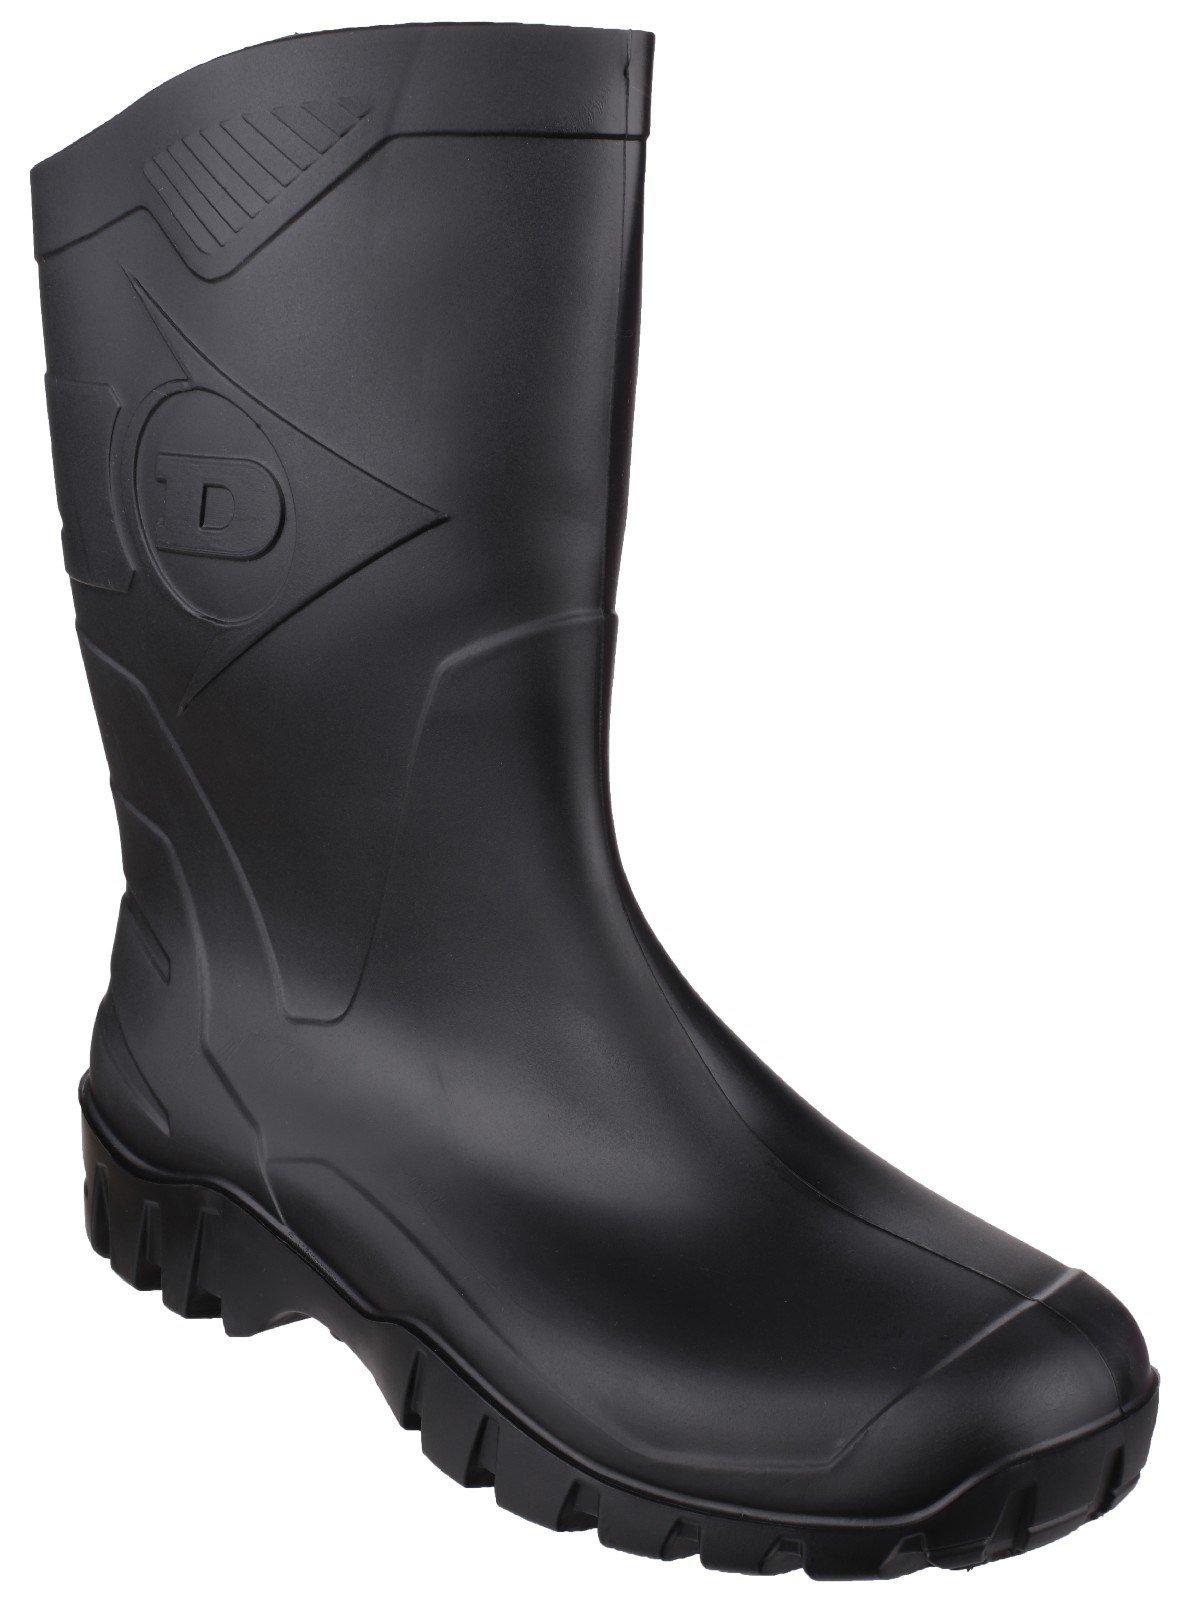 Dunlop Unisex Dee Calf Length Wellington Boot Various Colours 21858 - Black 4